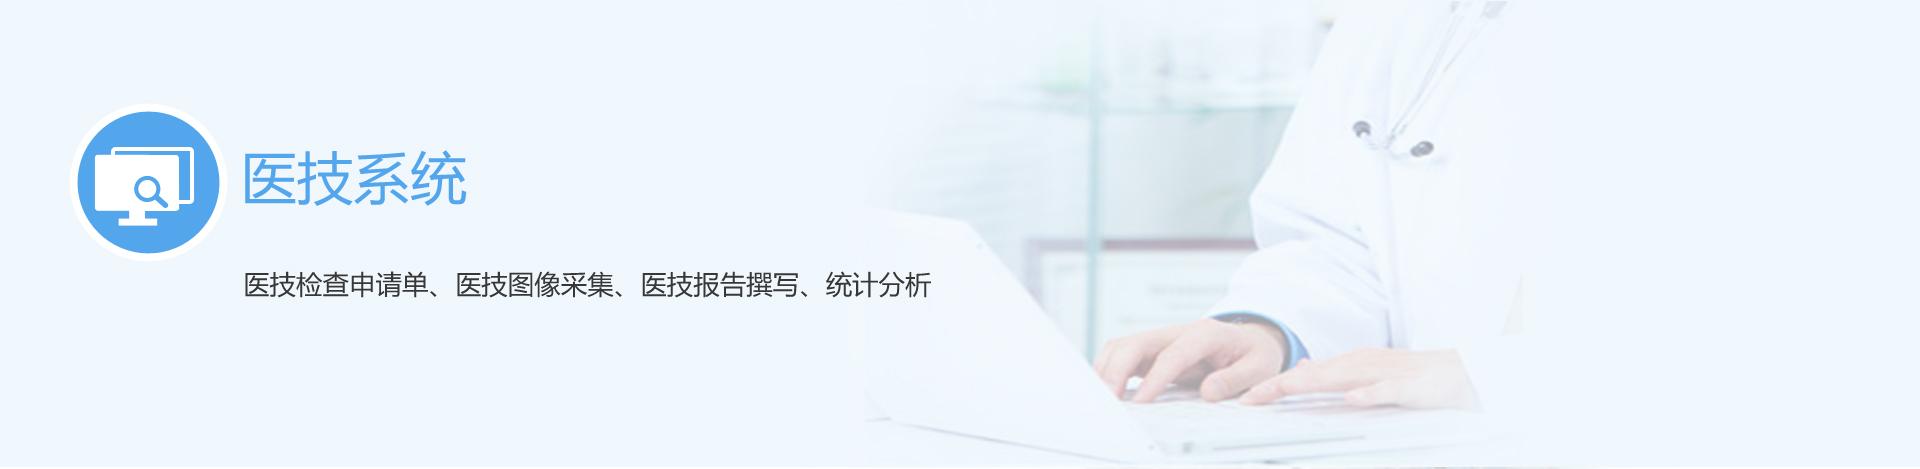 云HIS,云医院,微信医院,云电子病历,网络医院